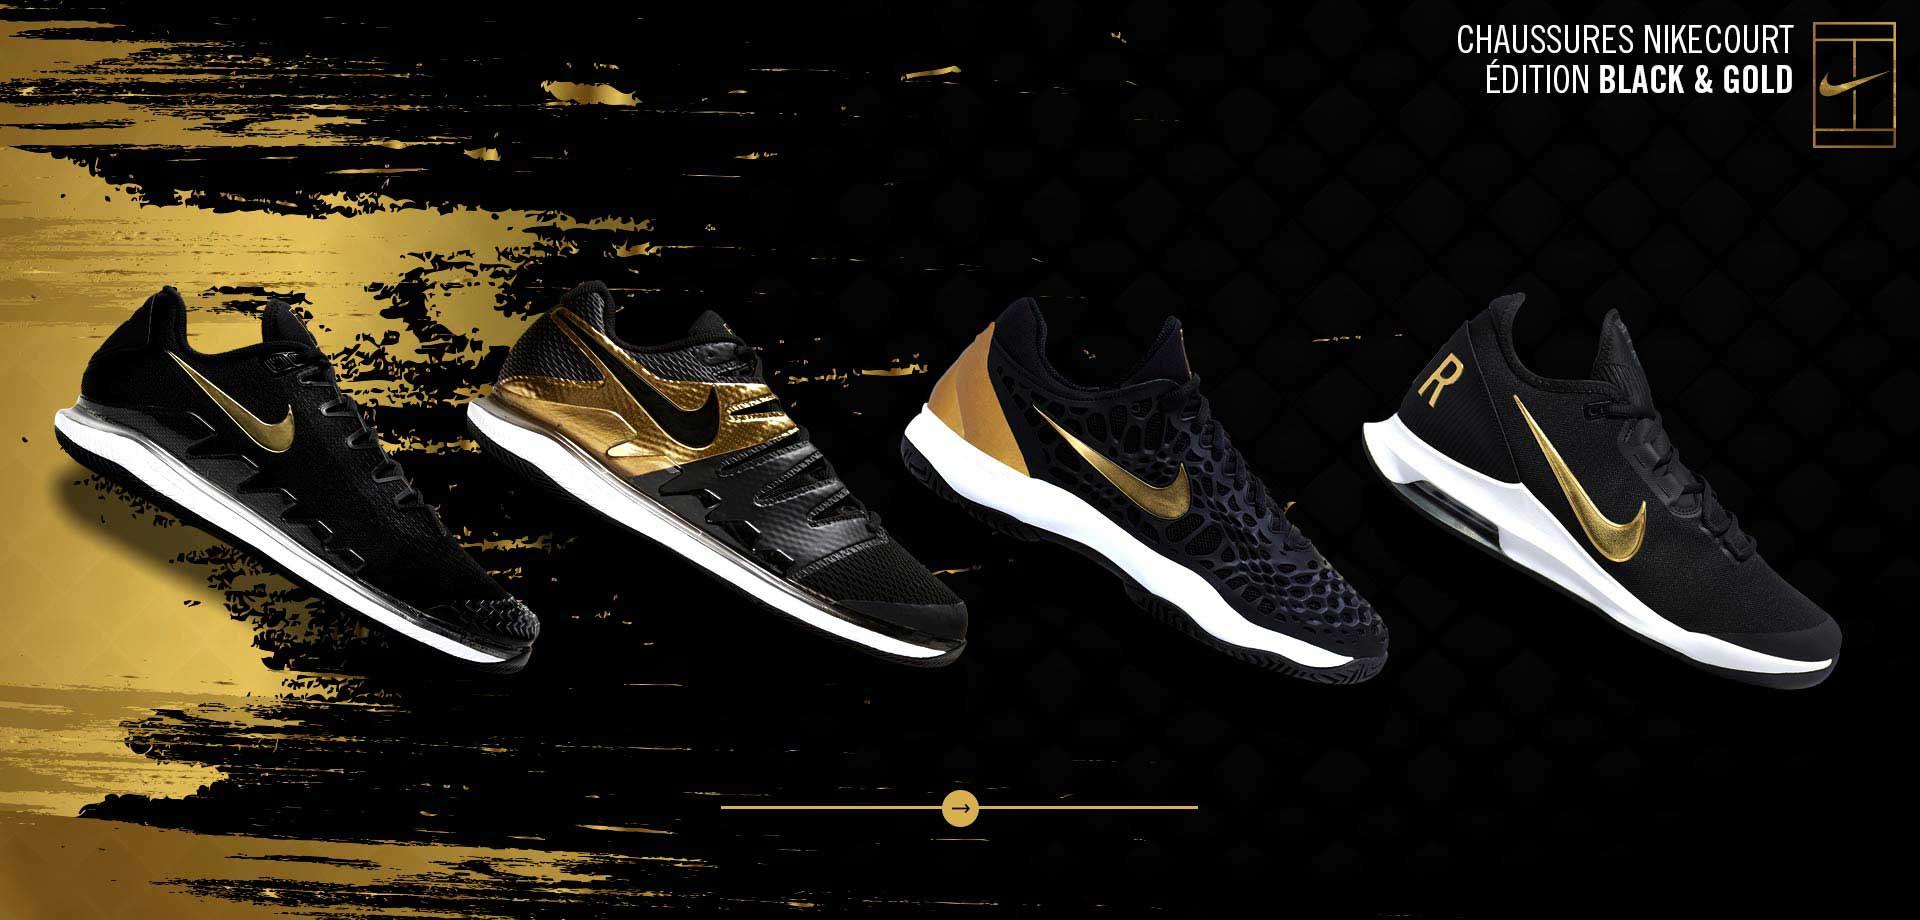 Chaussures Nike édition Noir et Or